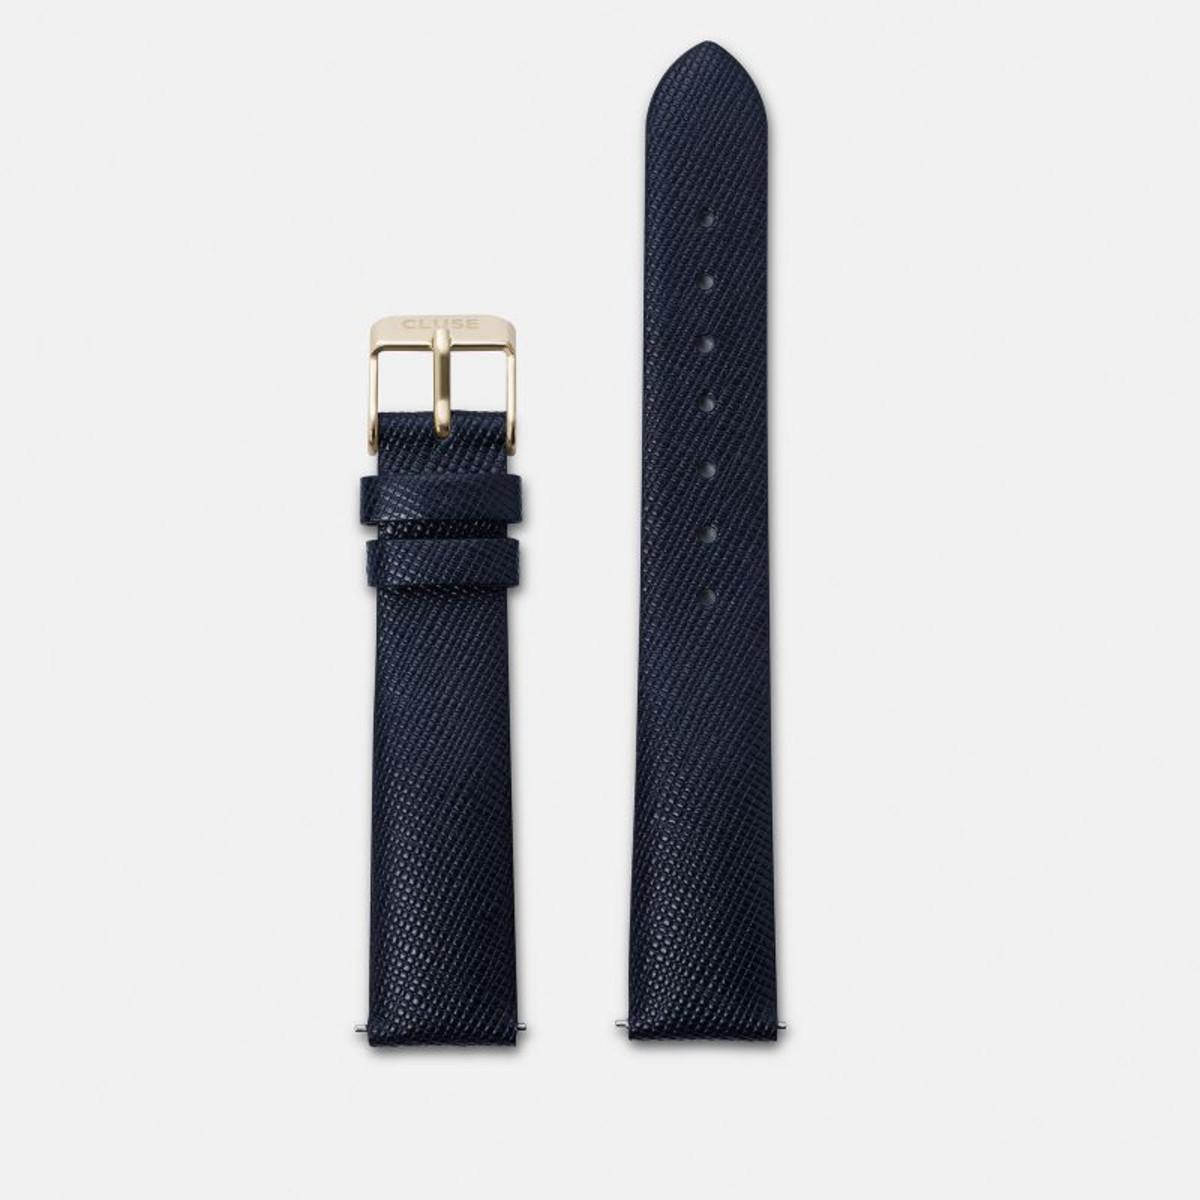 Cluse horlogeband CLS360 Minuit Leder Blauw 16mm